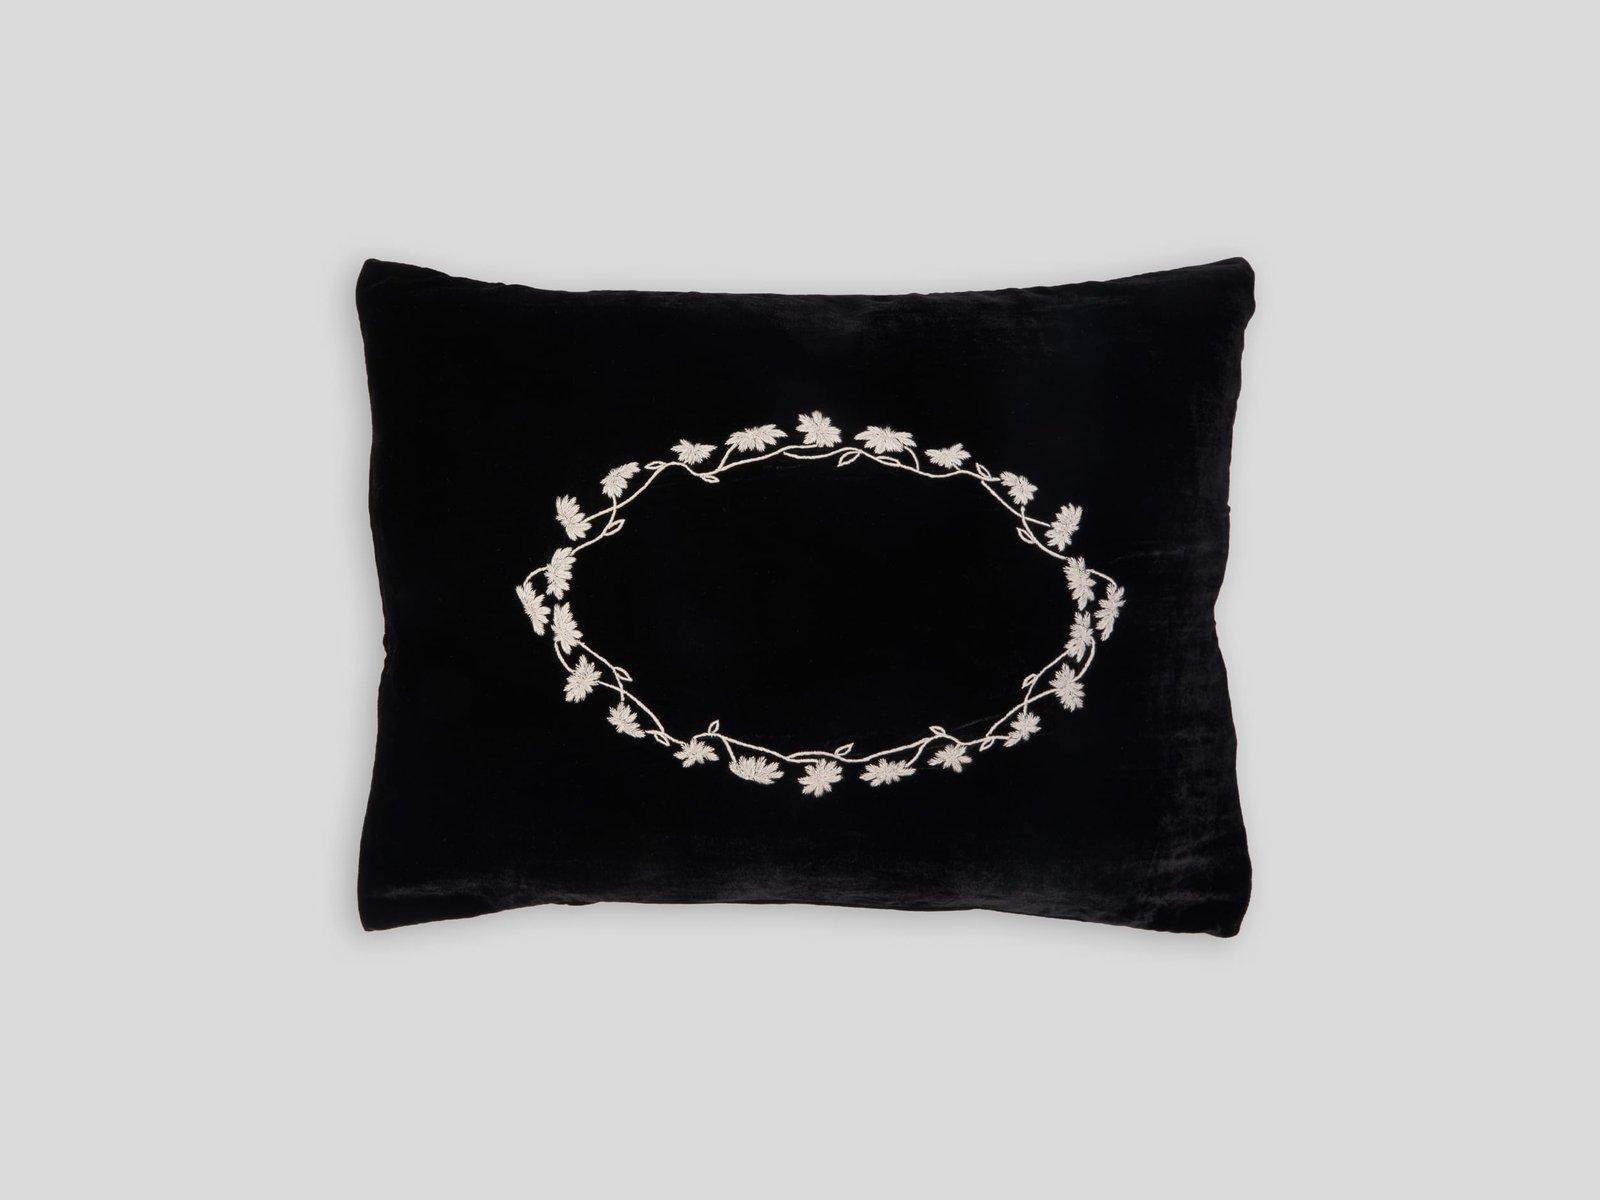 schwarzes louvre kissen von jackie villevoye f r jupe by jackie bei pamono kaufen. Black Bedroom Furniture Sets. Home Design Ideas